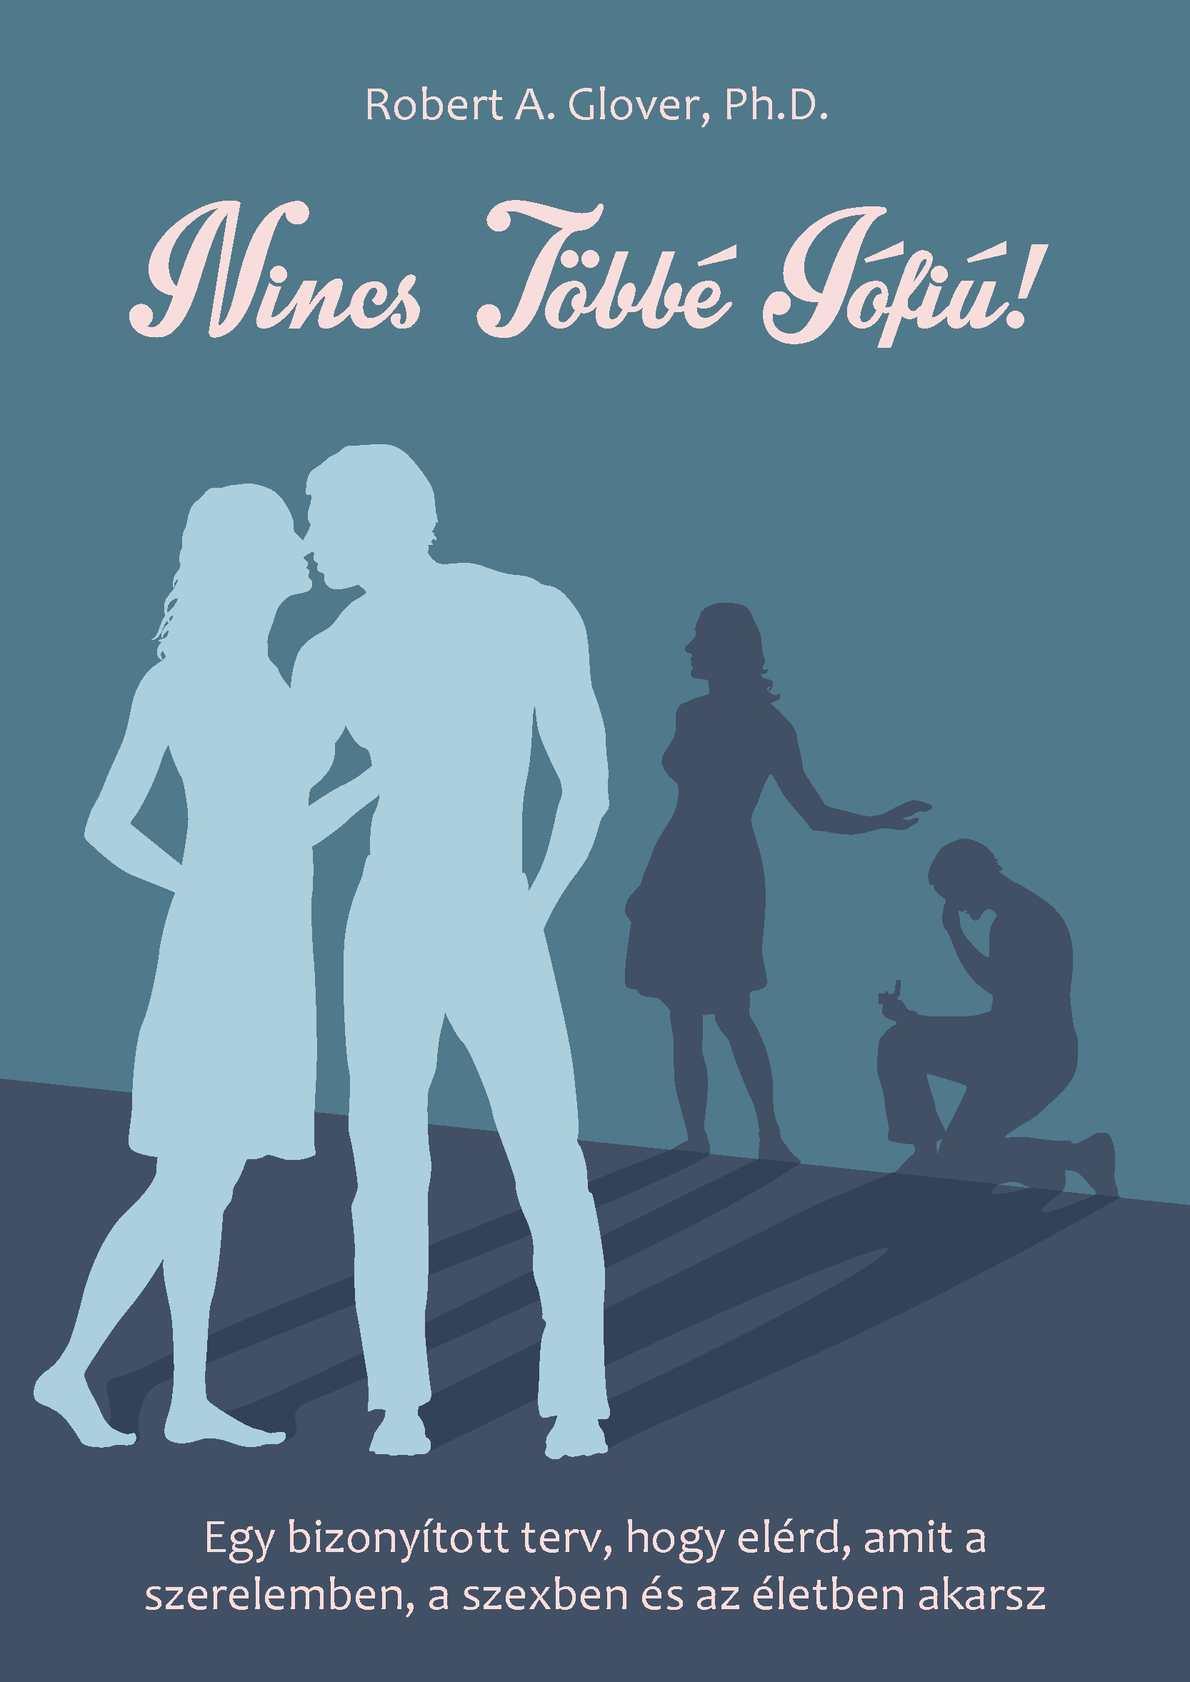 A végső útmutató az üdítő lingammasszázshoz - Szexuális Tippek